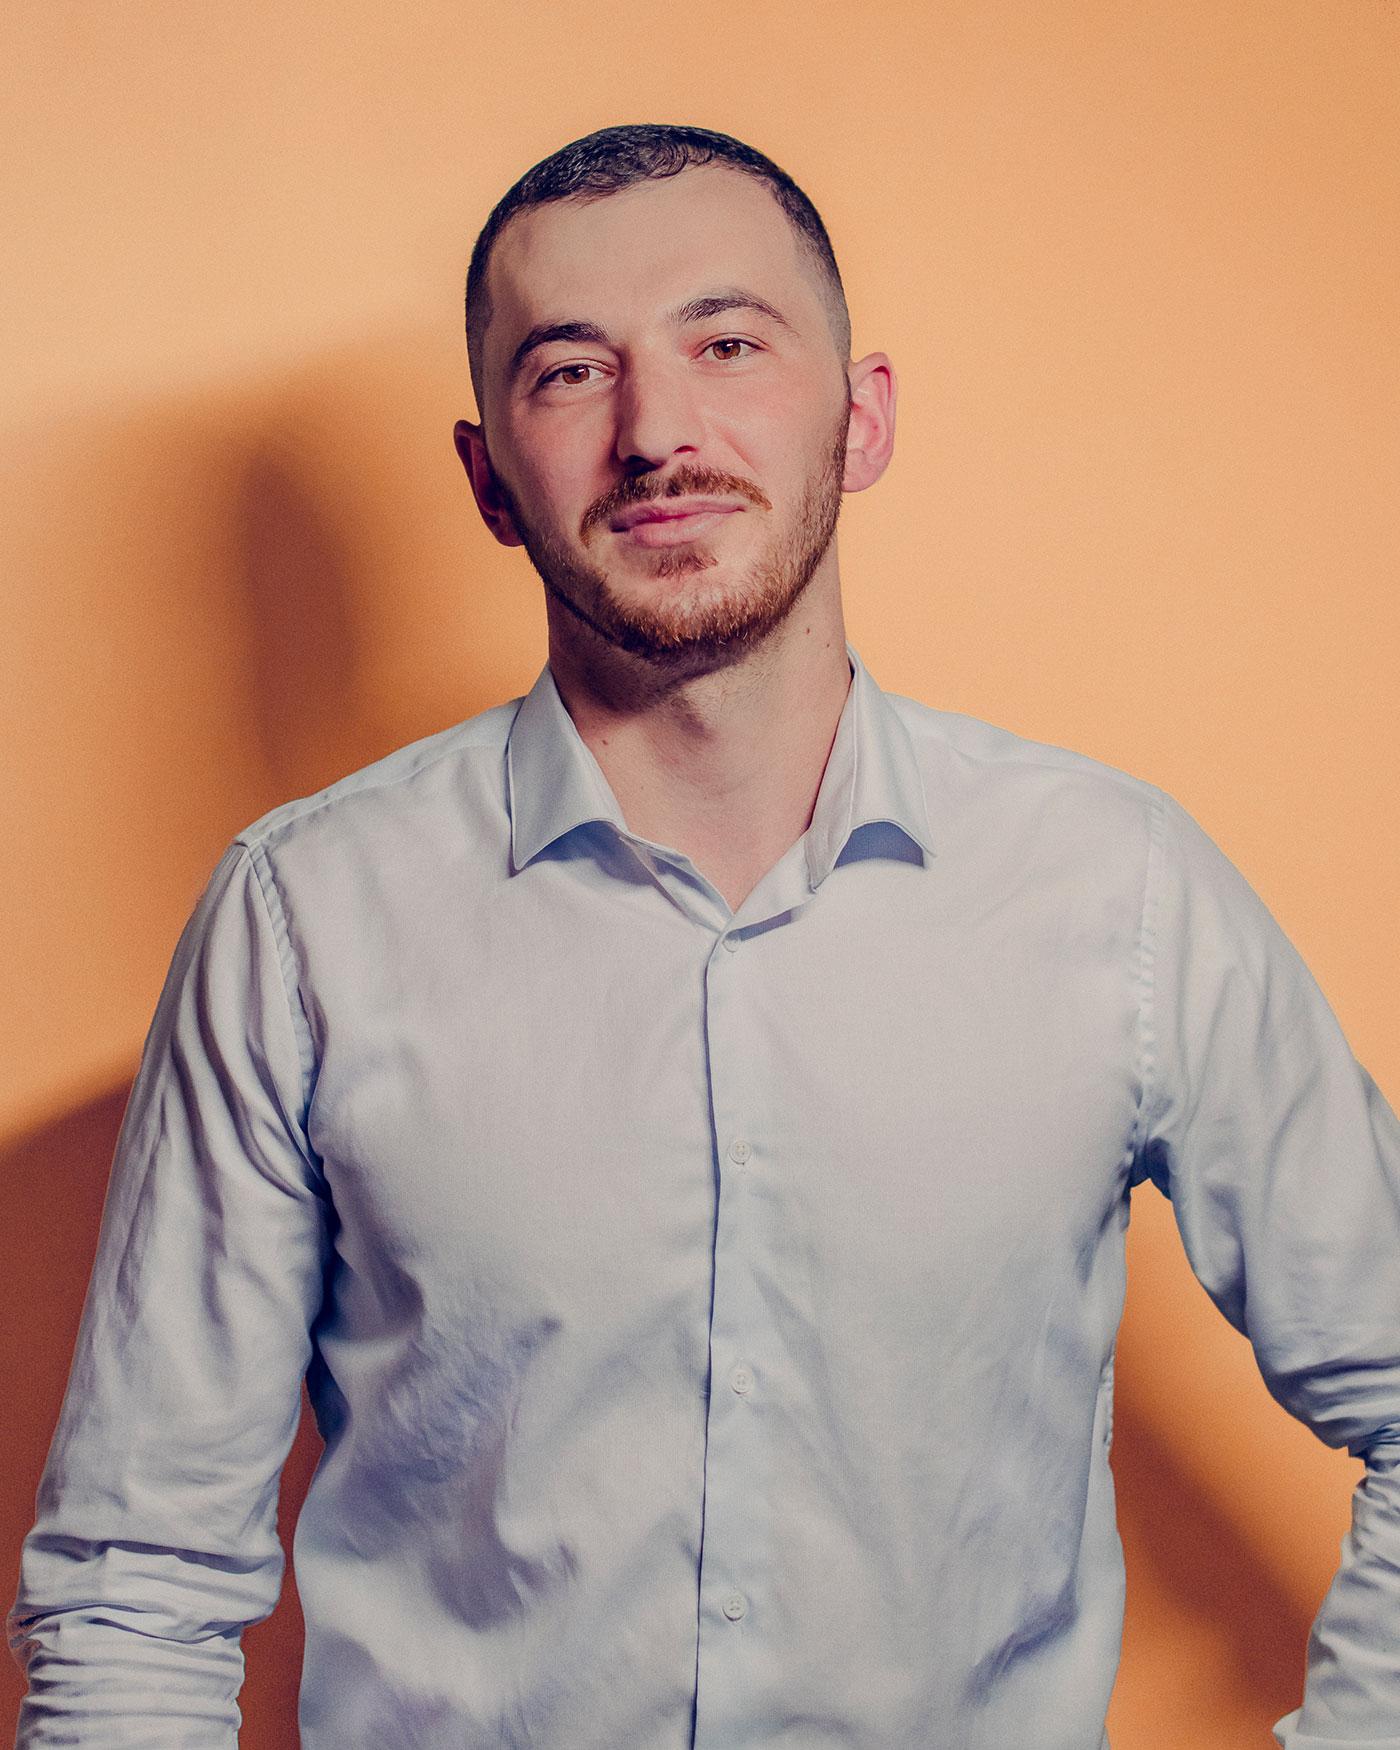 Aleksandre Photo